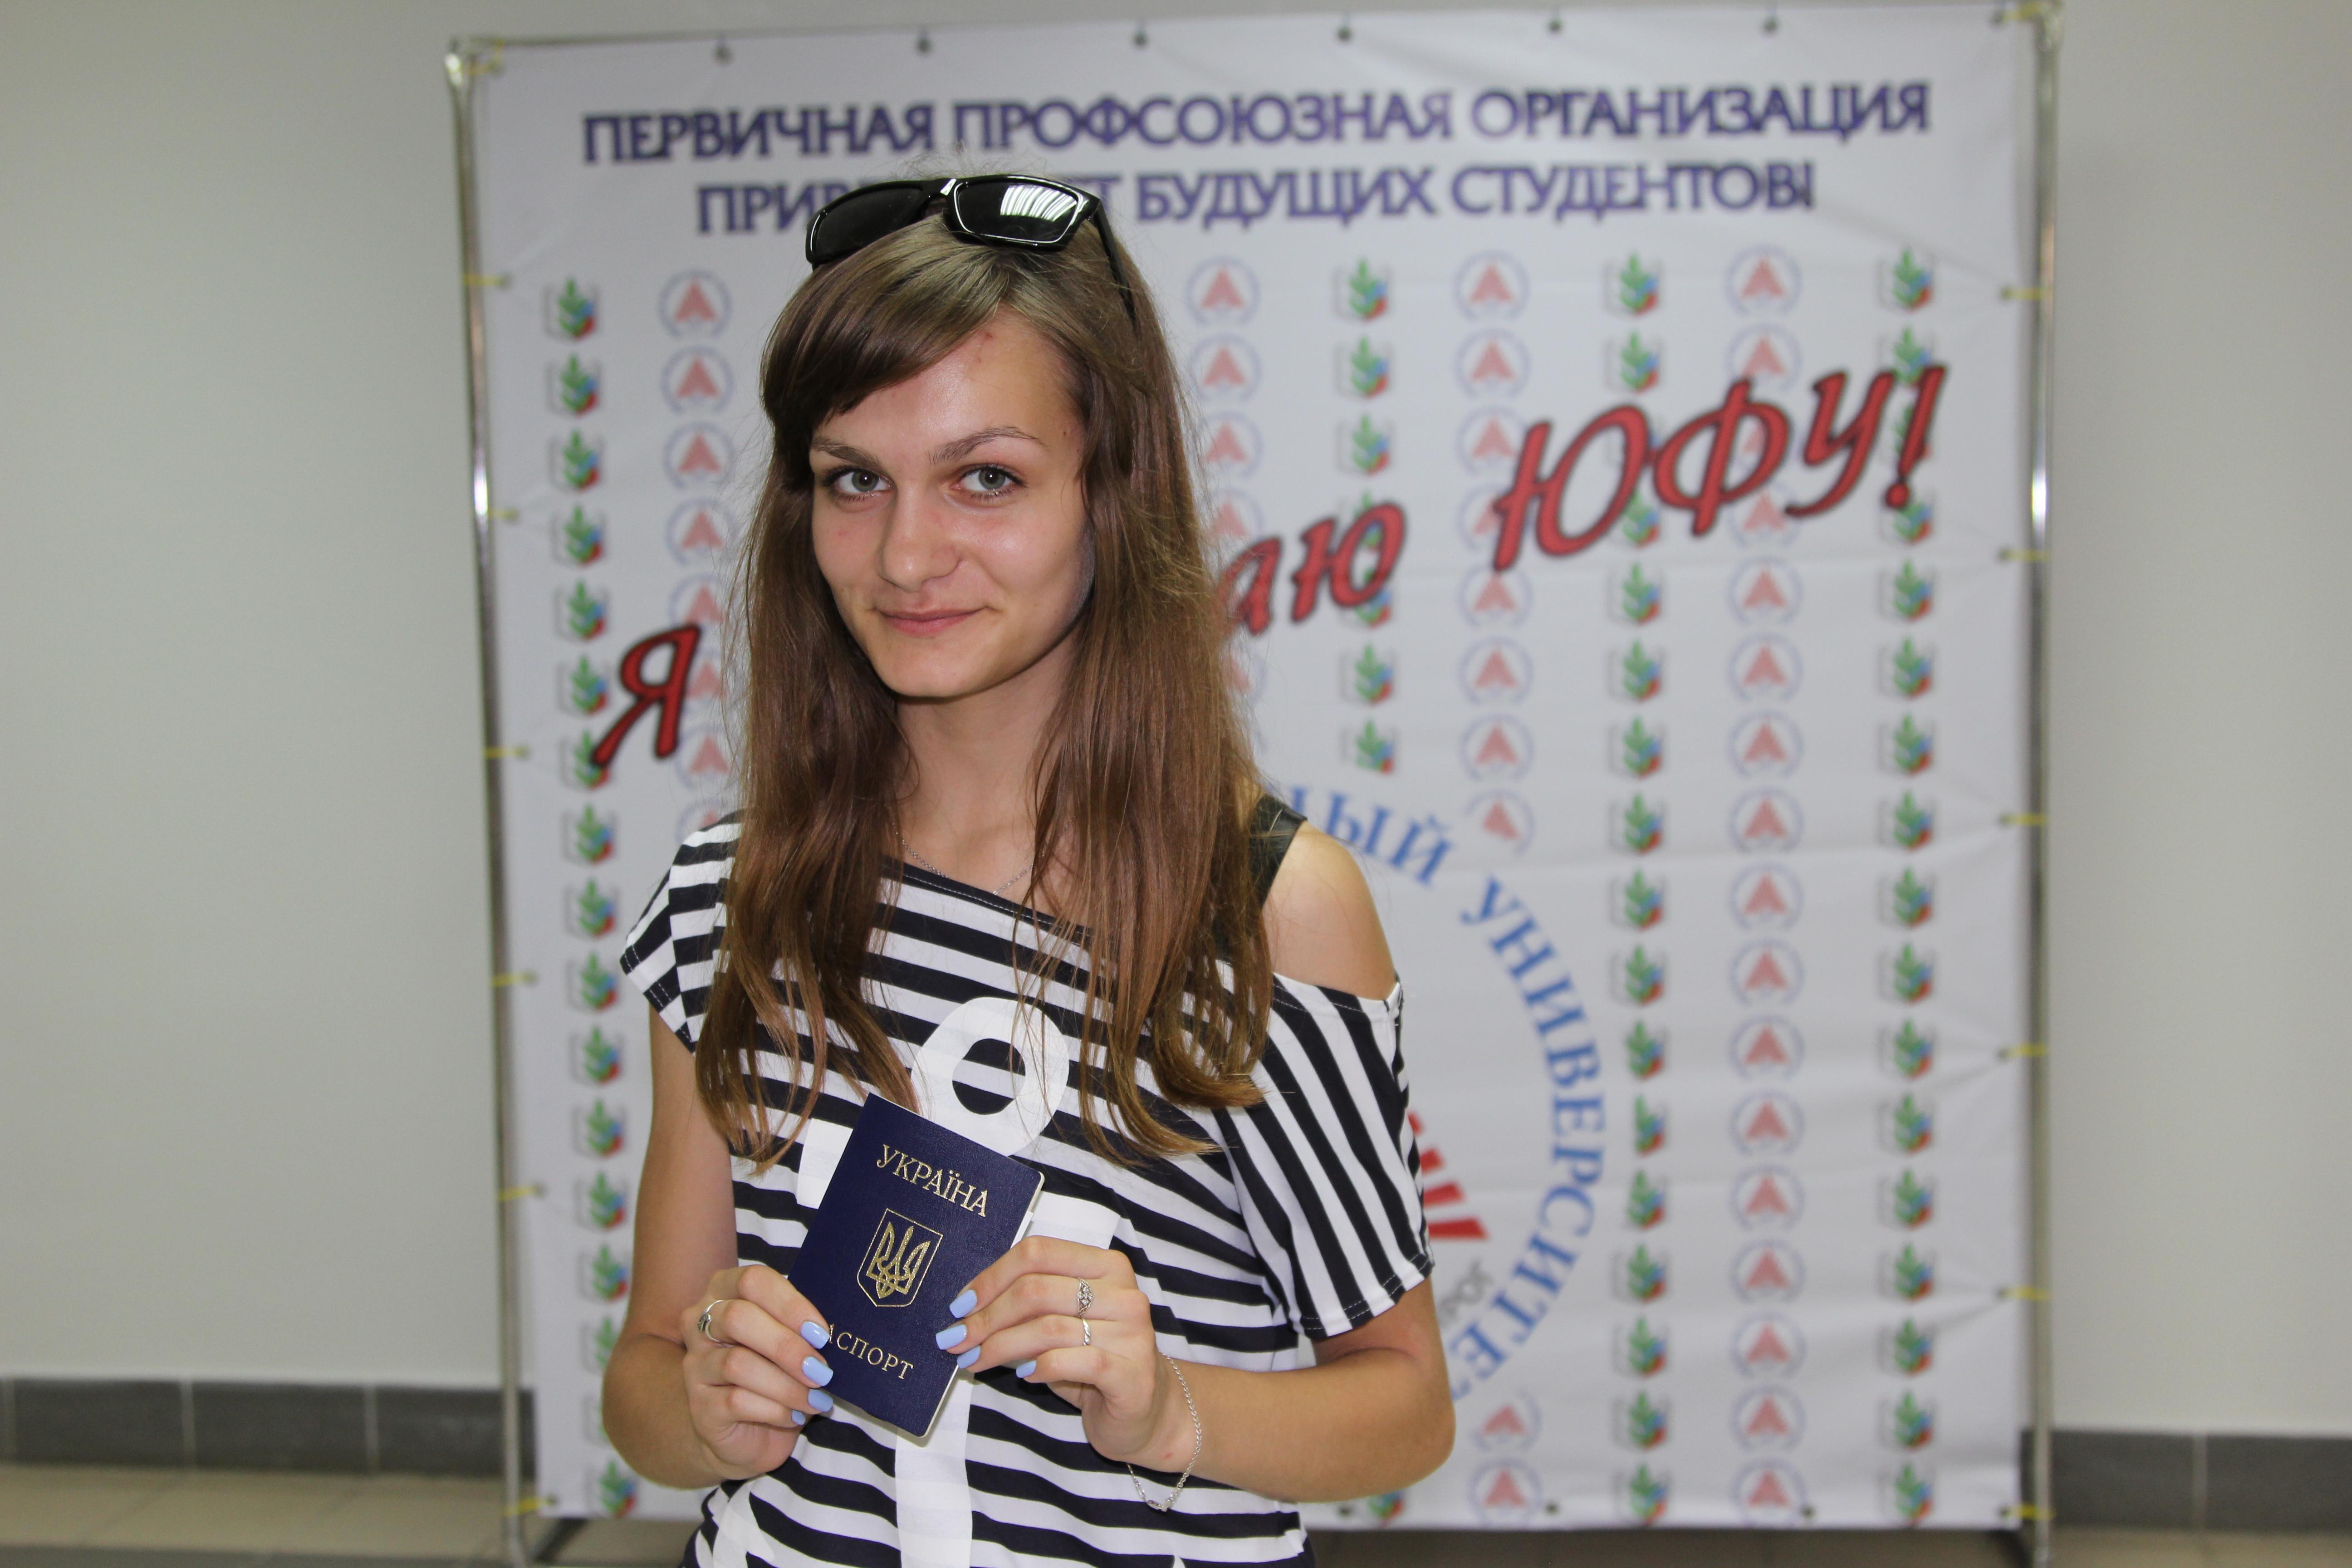 Елизавета пошла по стопам своих родных будет учиться в Ростовской области